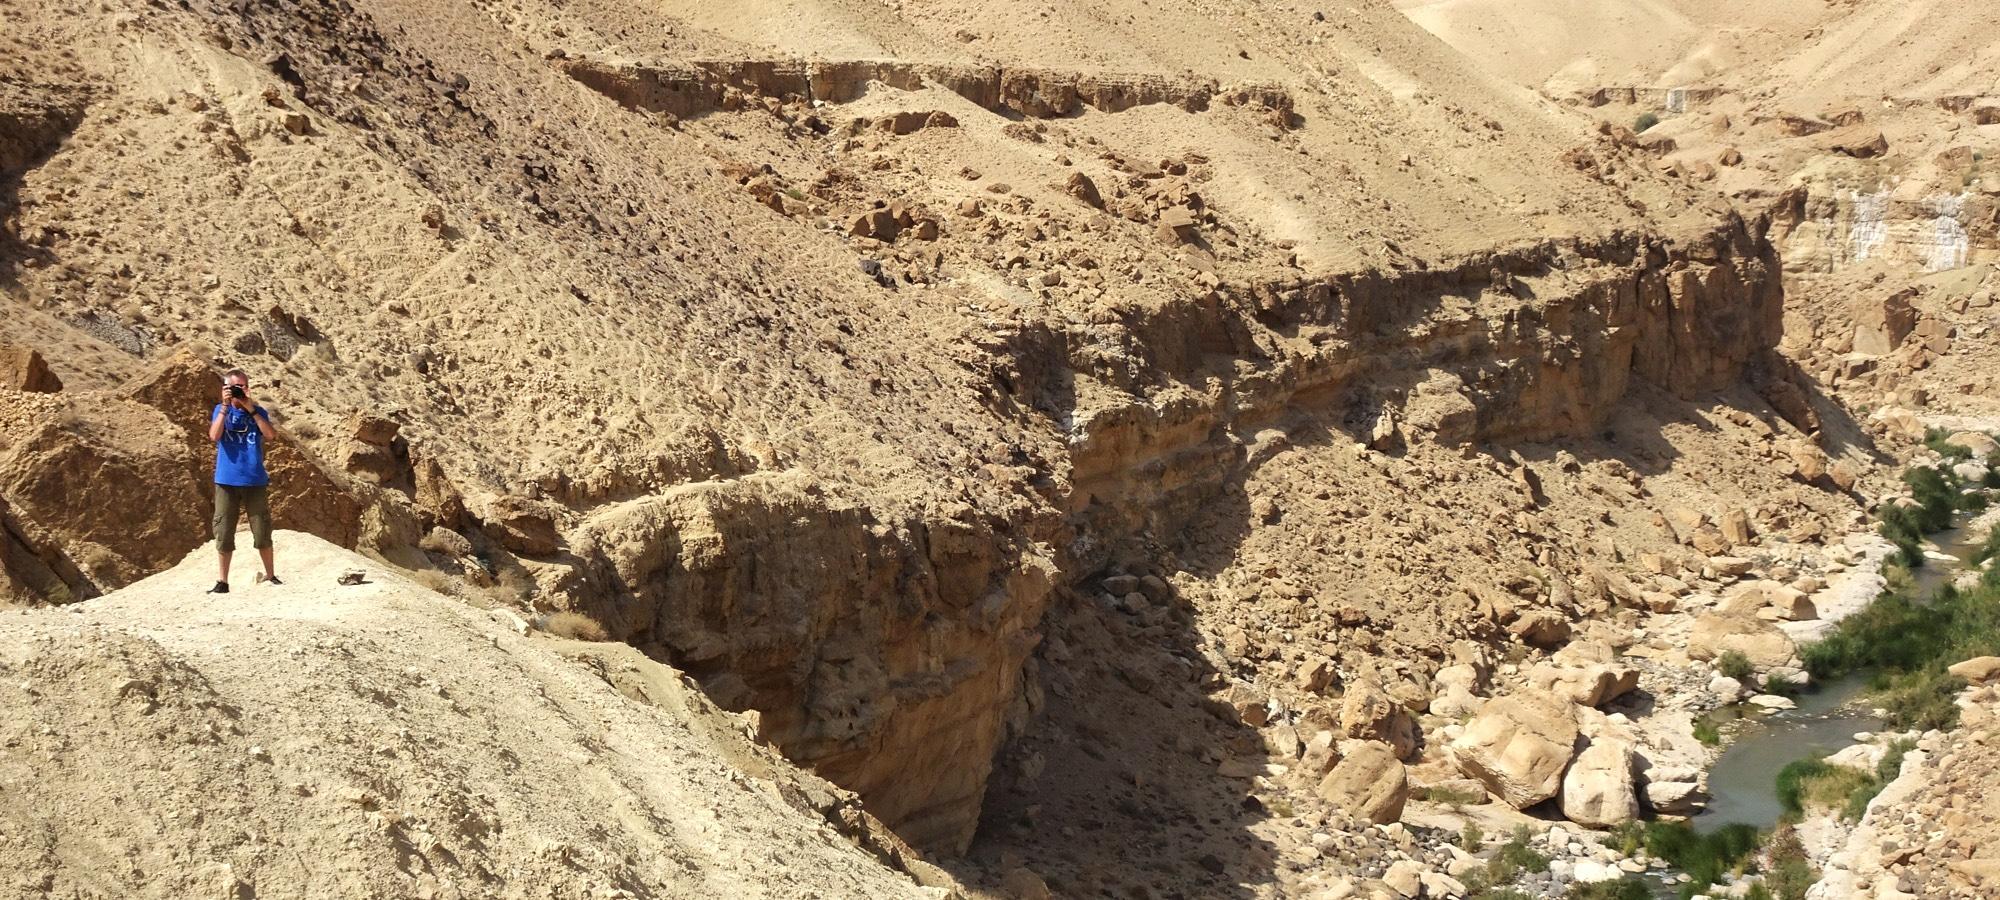 Le Wadi Mujib. Le cours d'eau en aval du barrage.